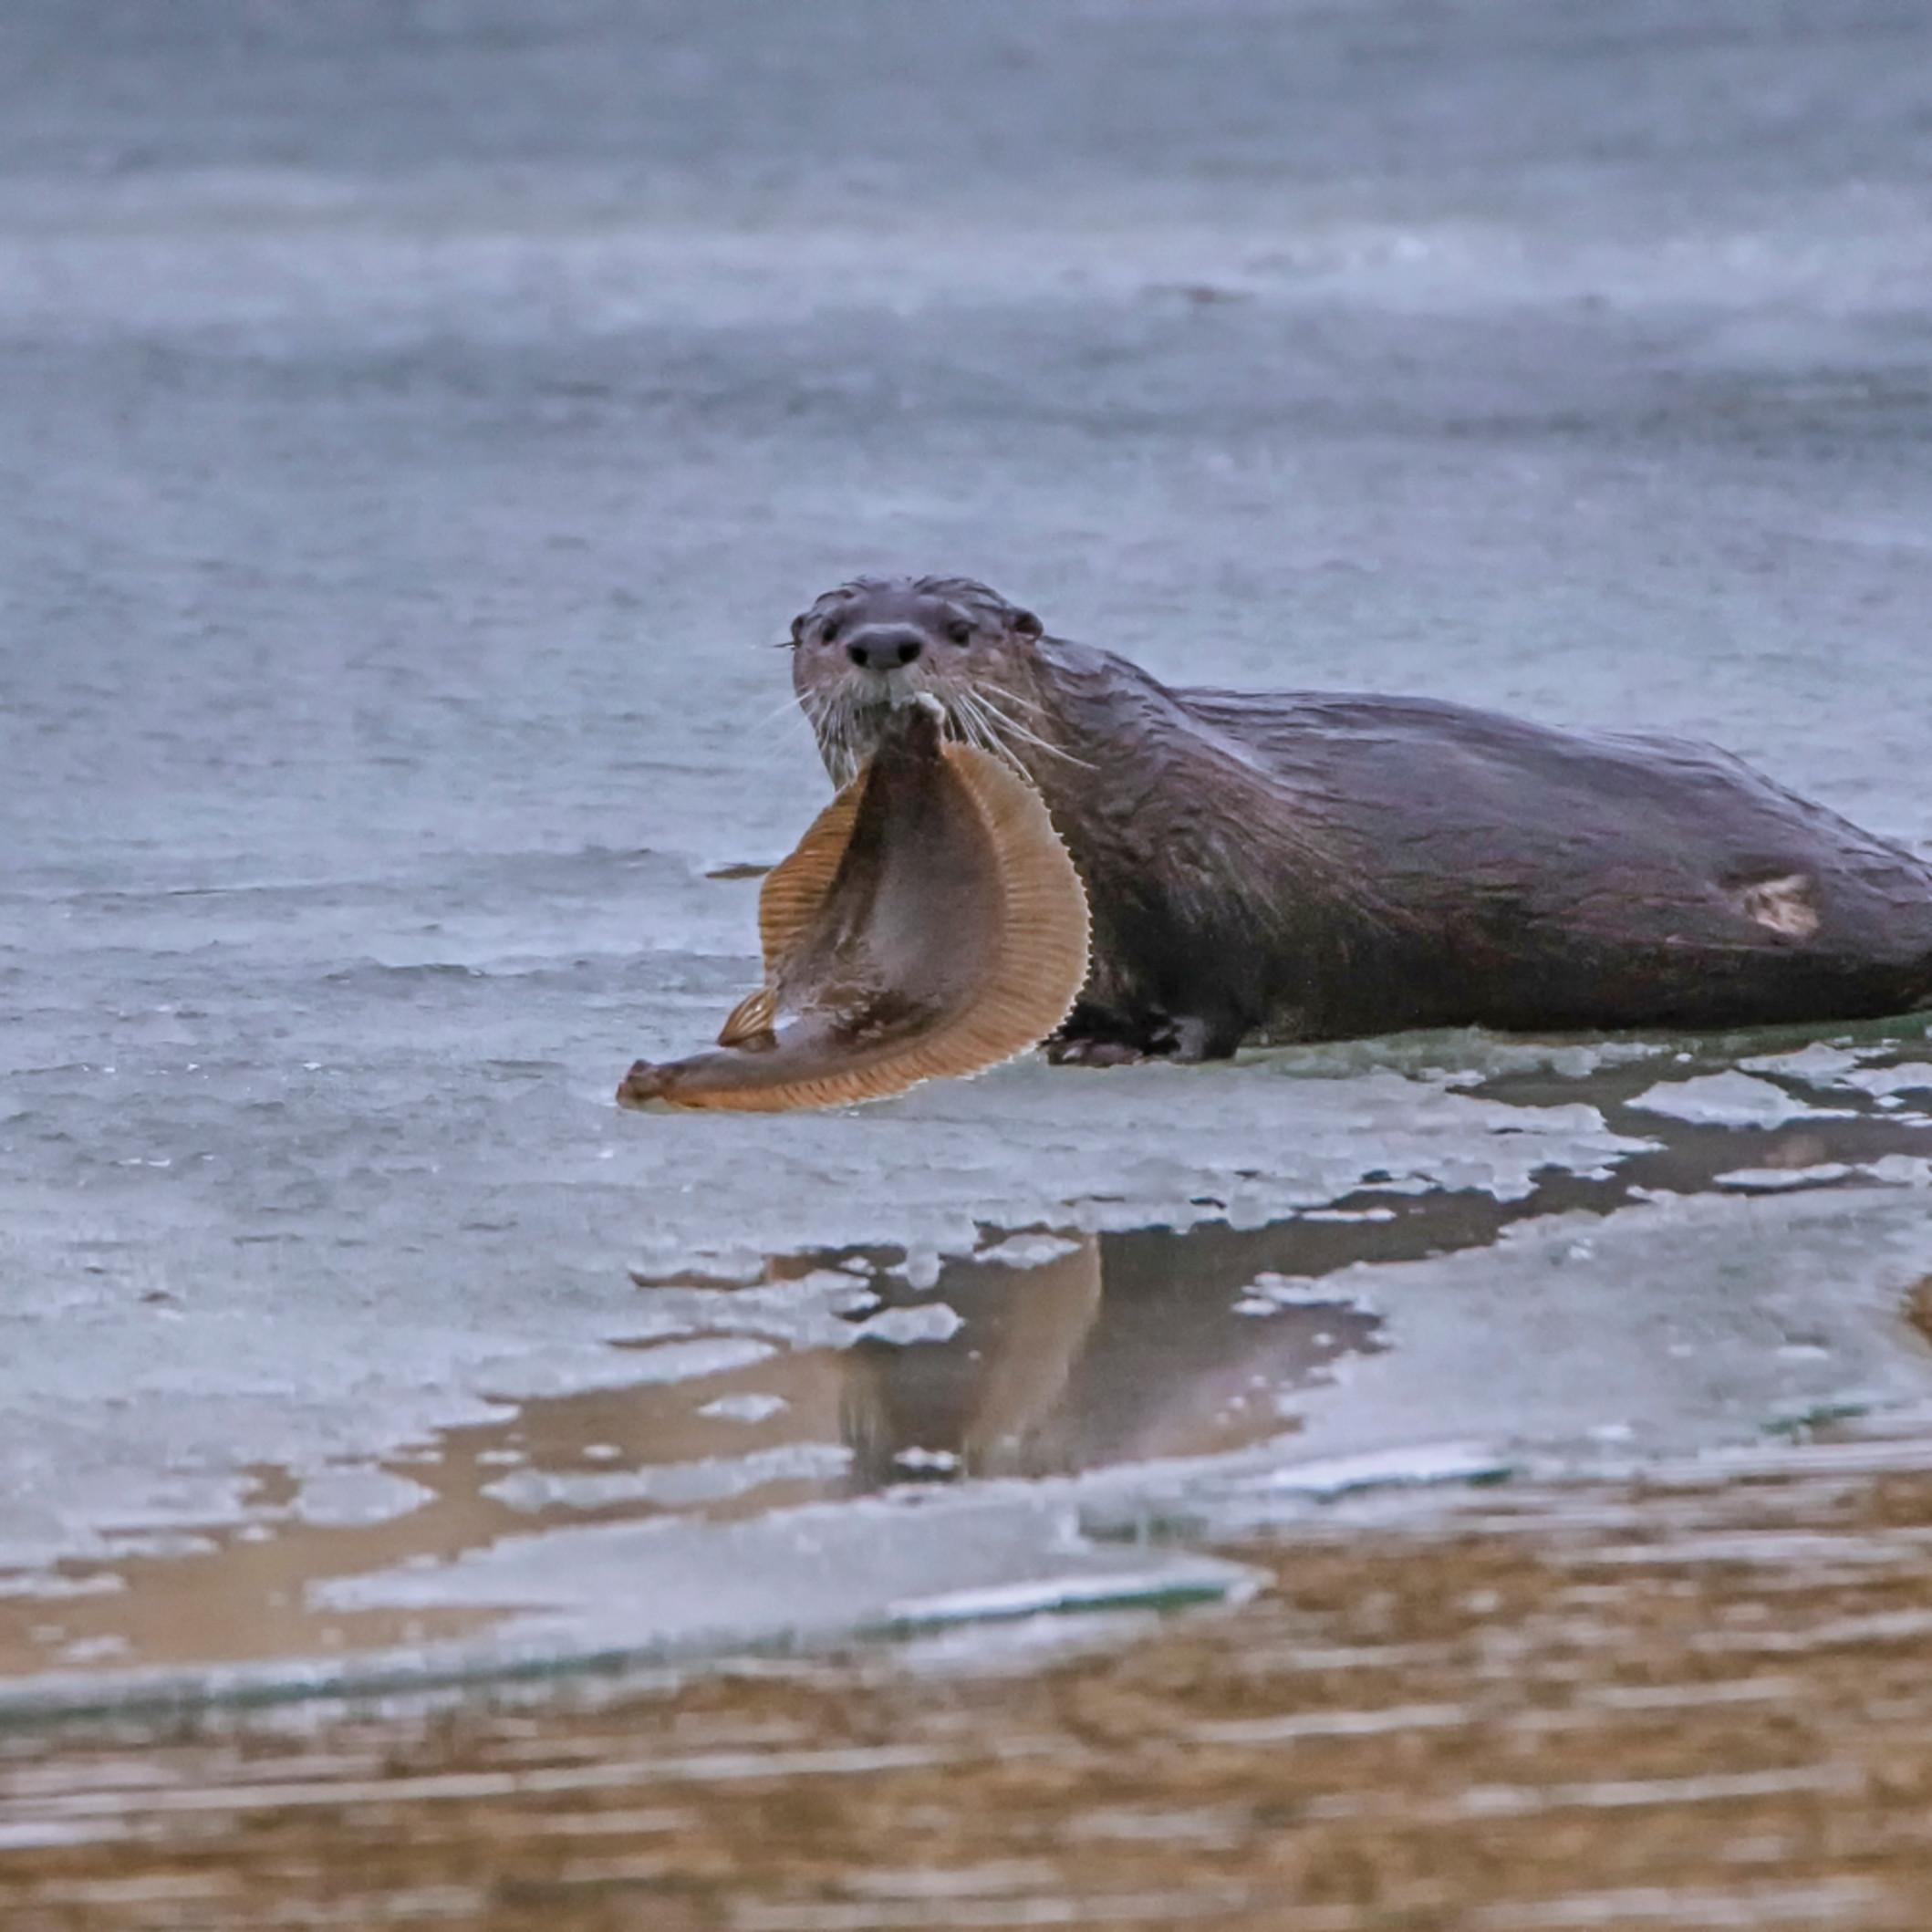 Cape poge sea otter and fluke pepxue